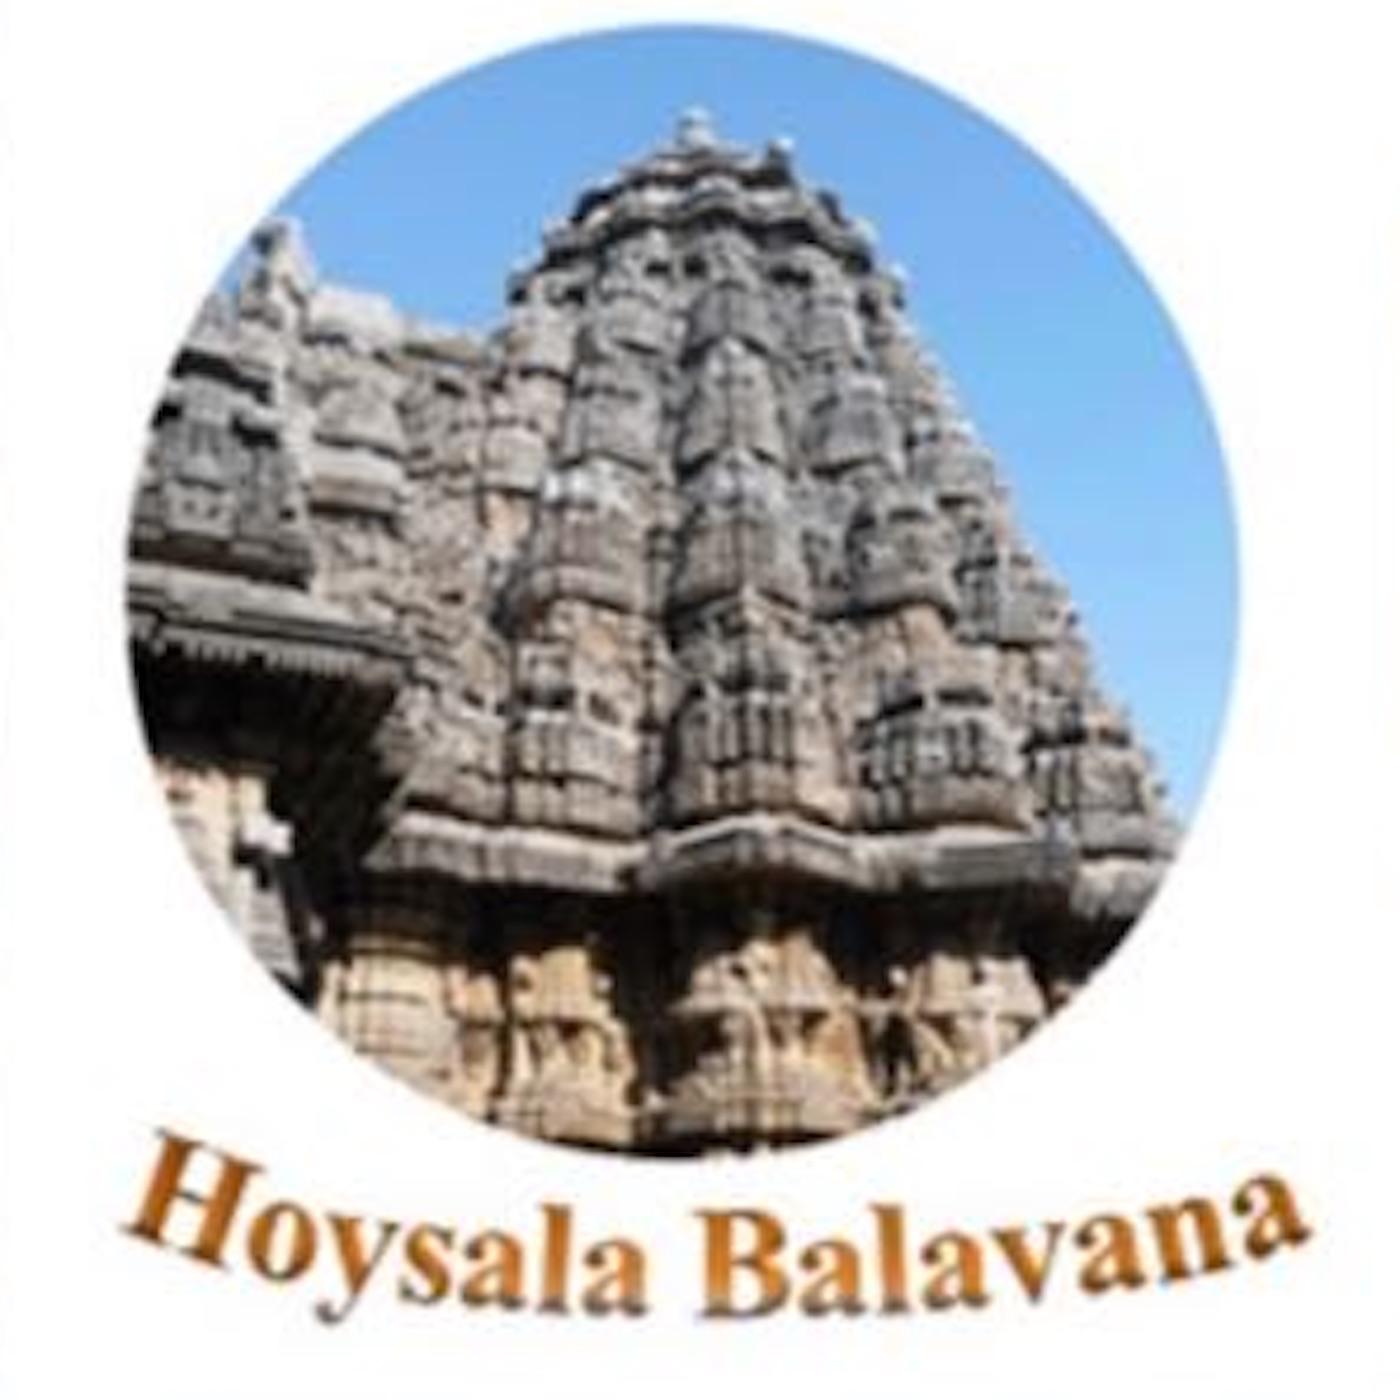 HoysalaBalavana